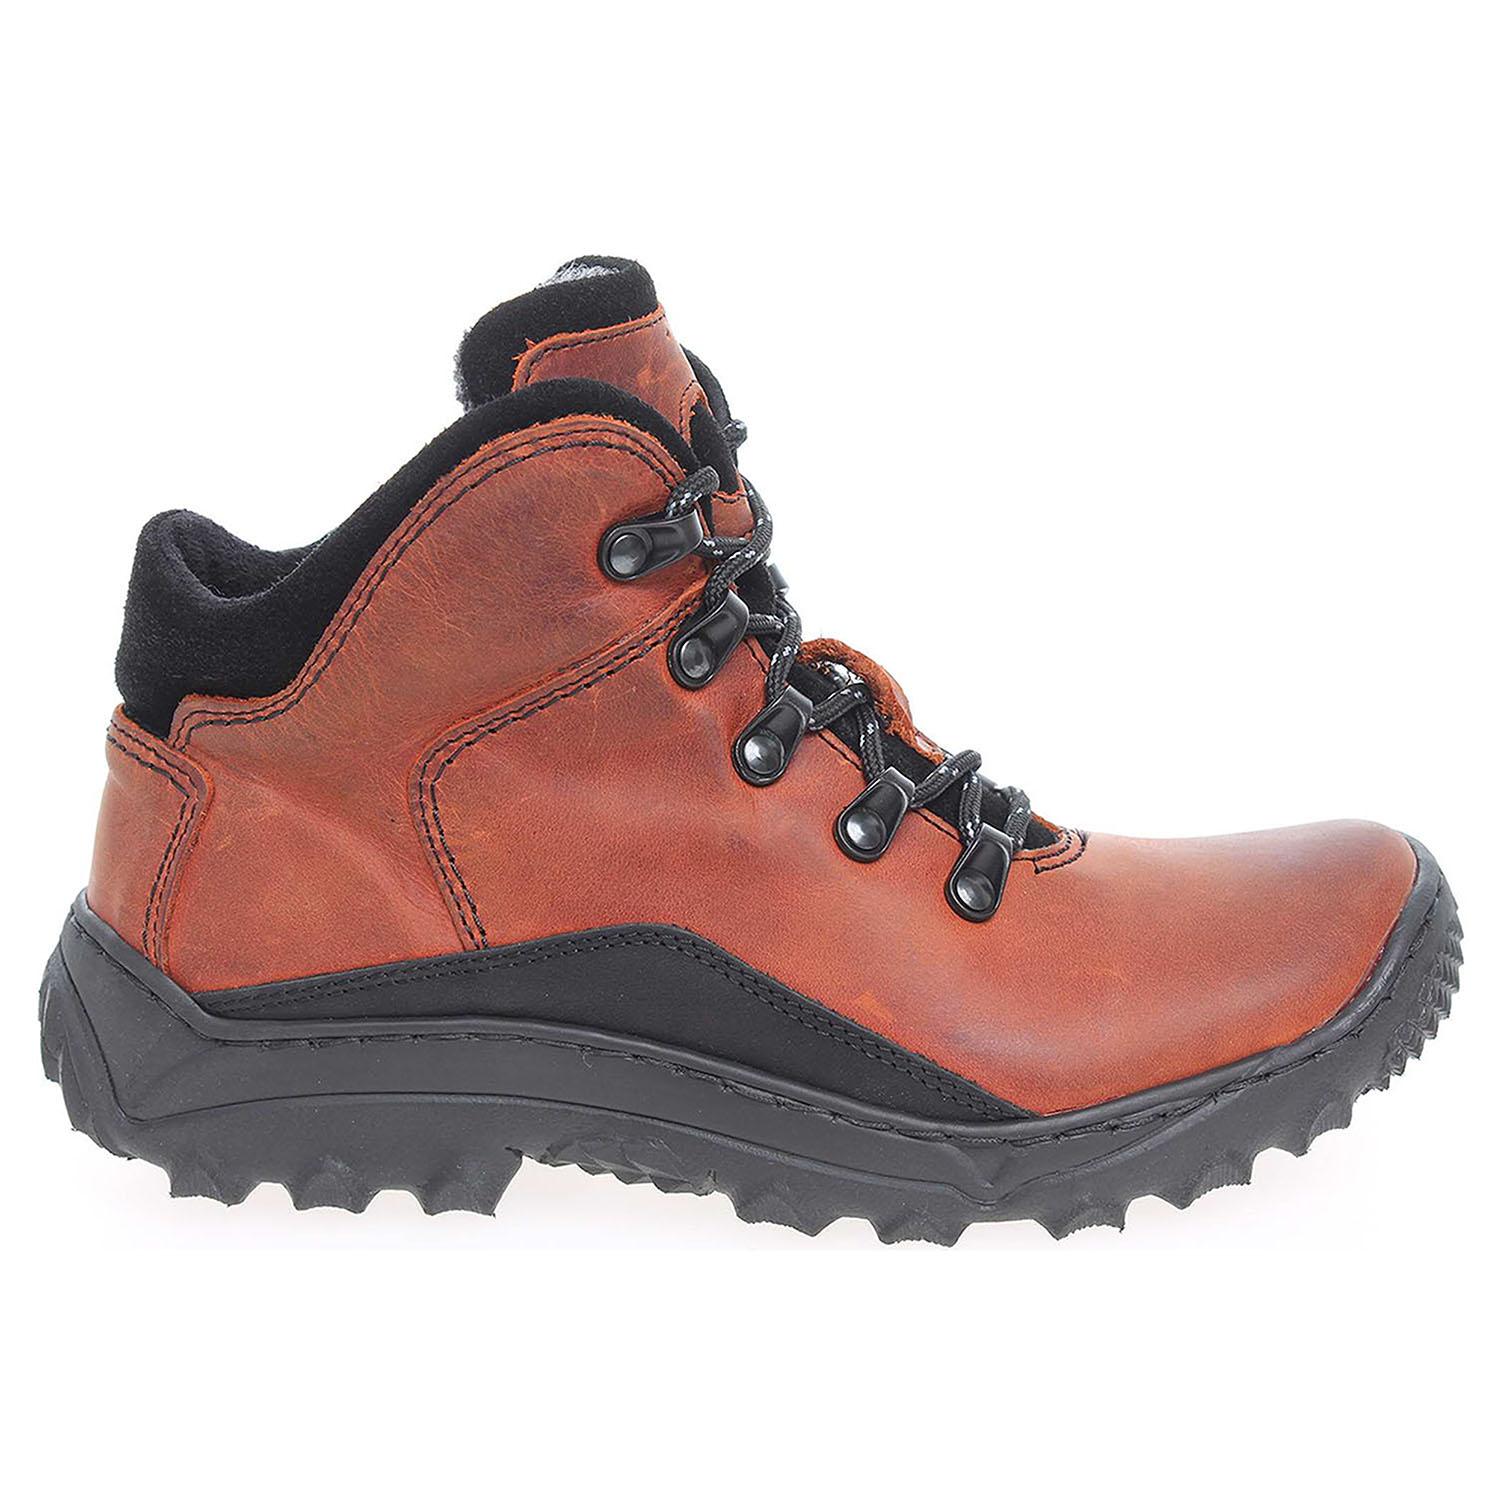 Ecco Dámská kotníková obuv EF151 oranž-černá 22400521